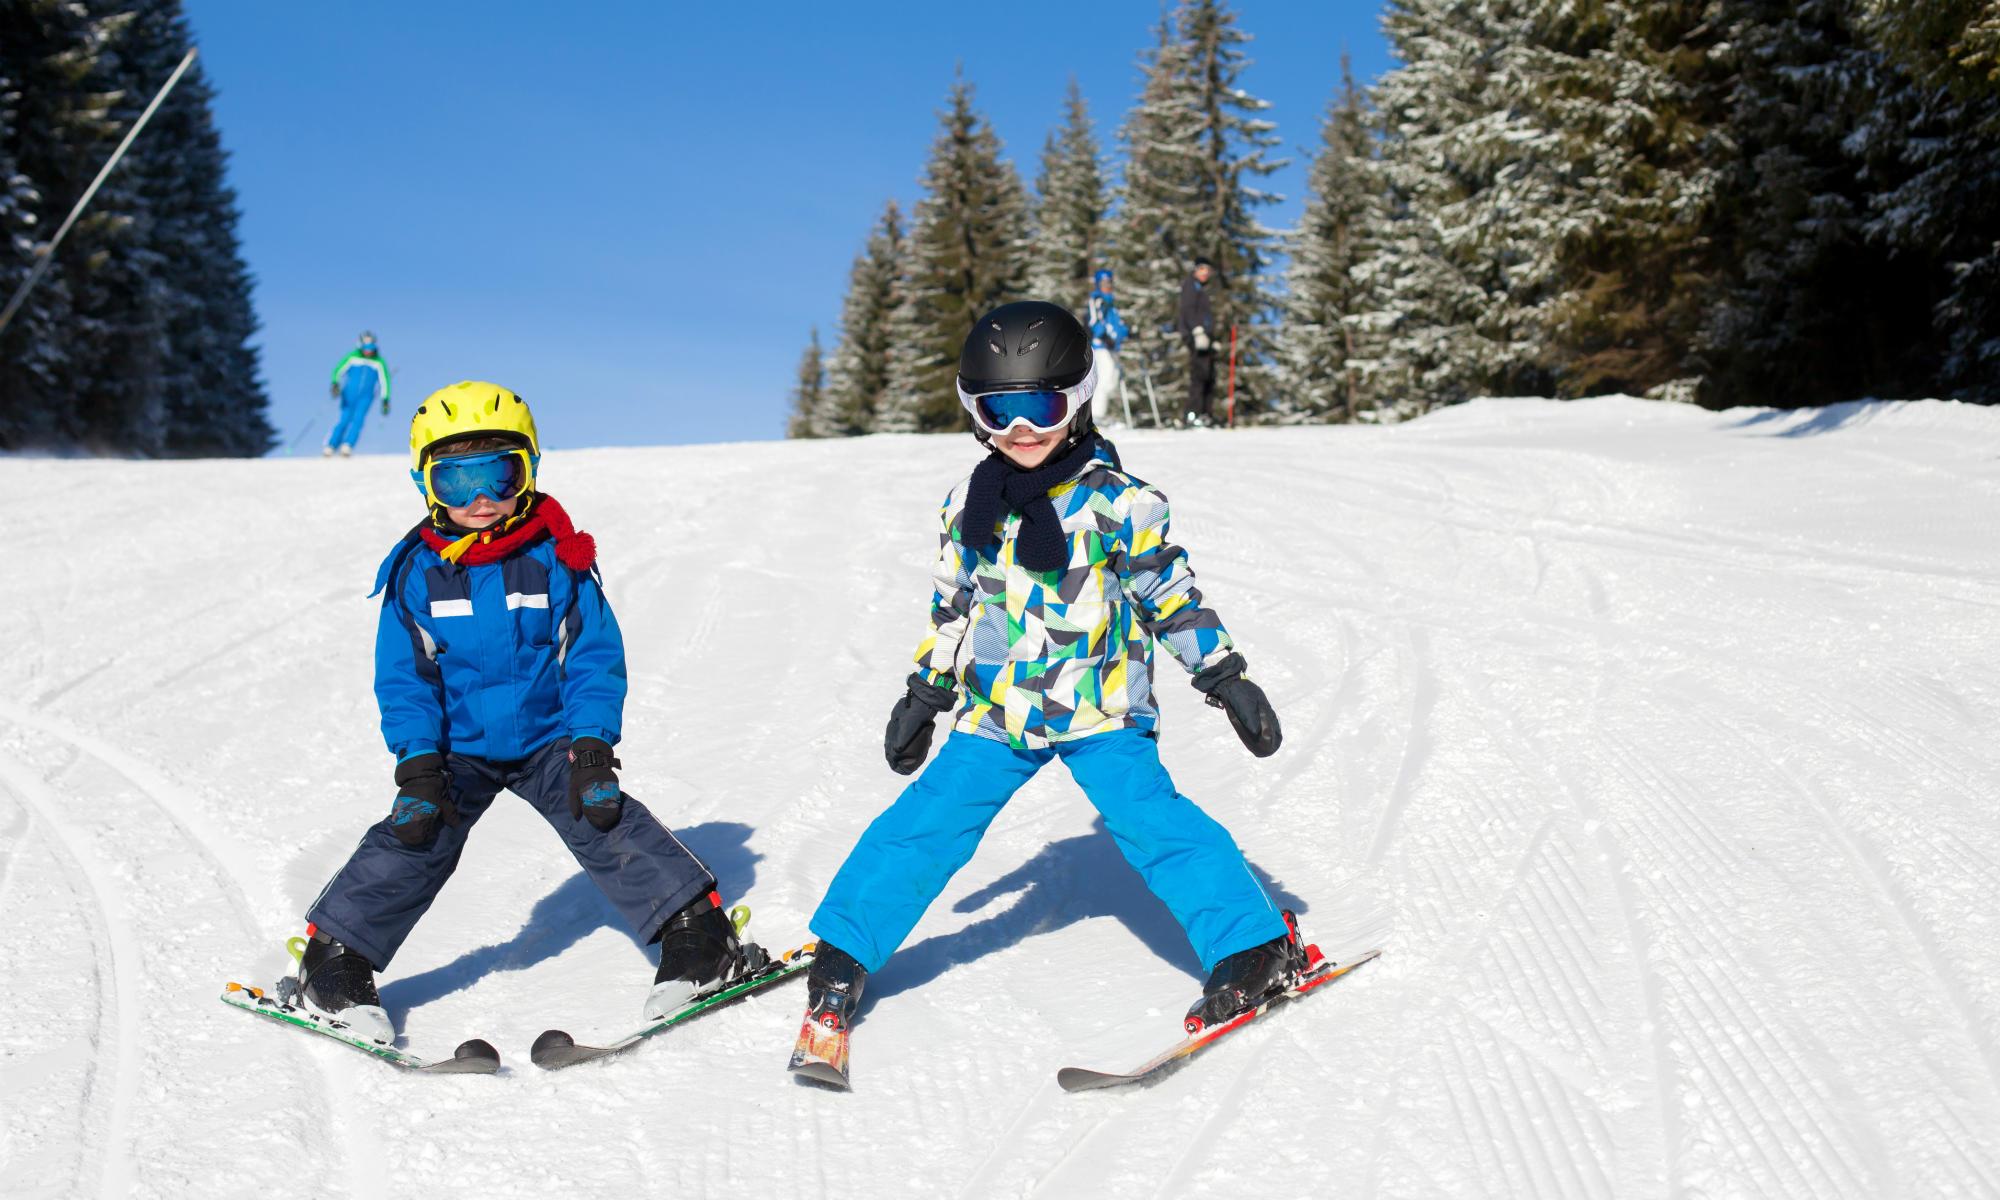 Deux enfant en position du chasse-neige sur une piste de ski.